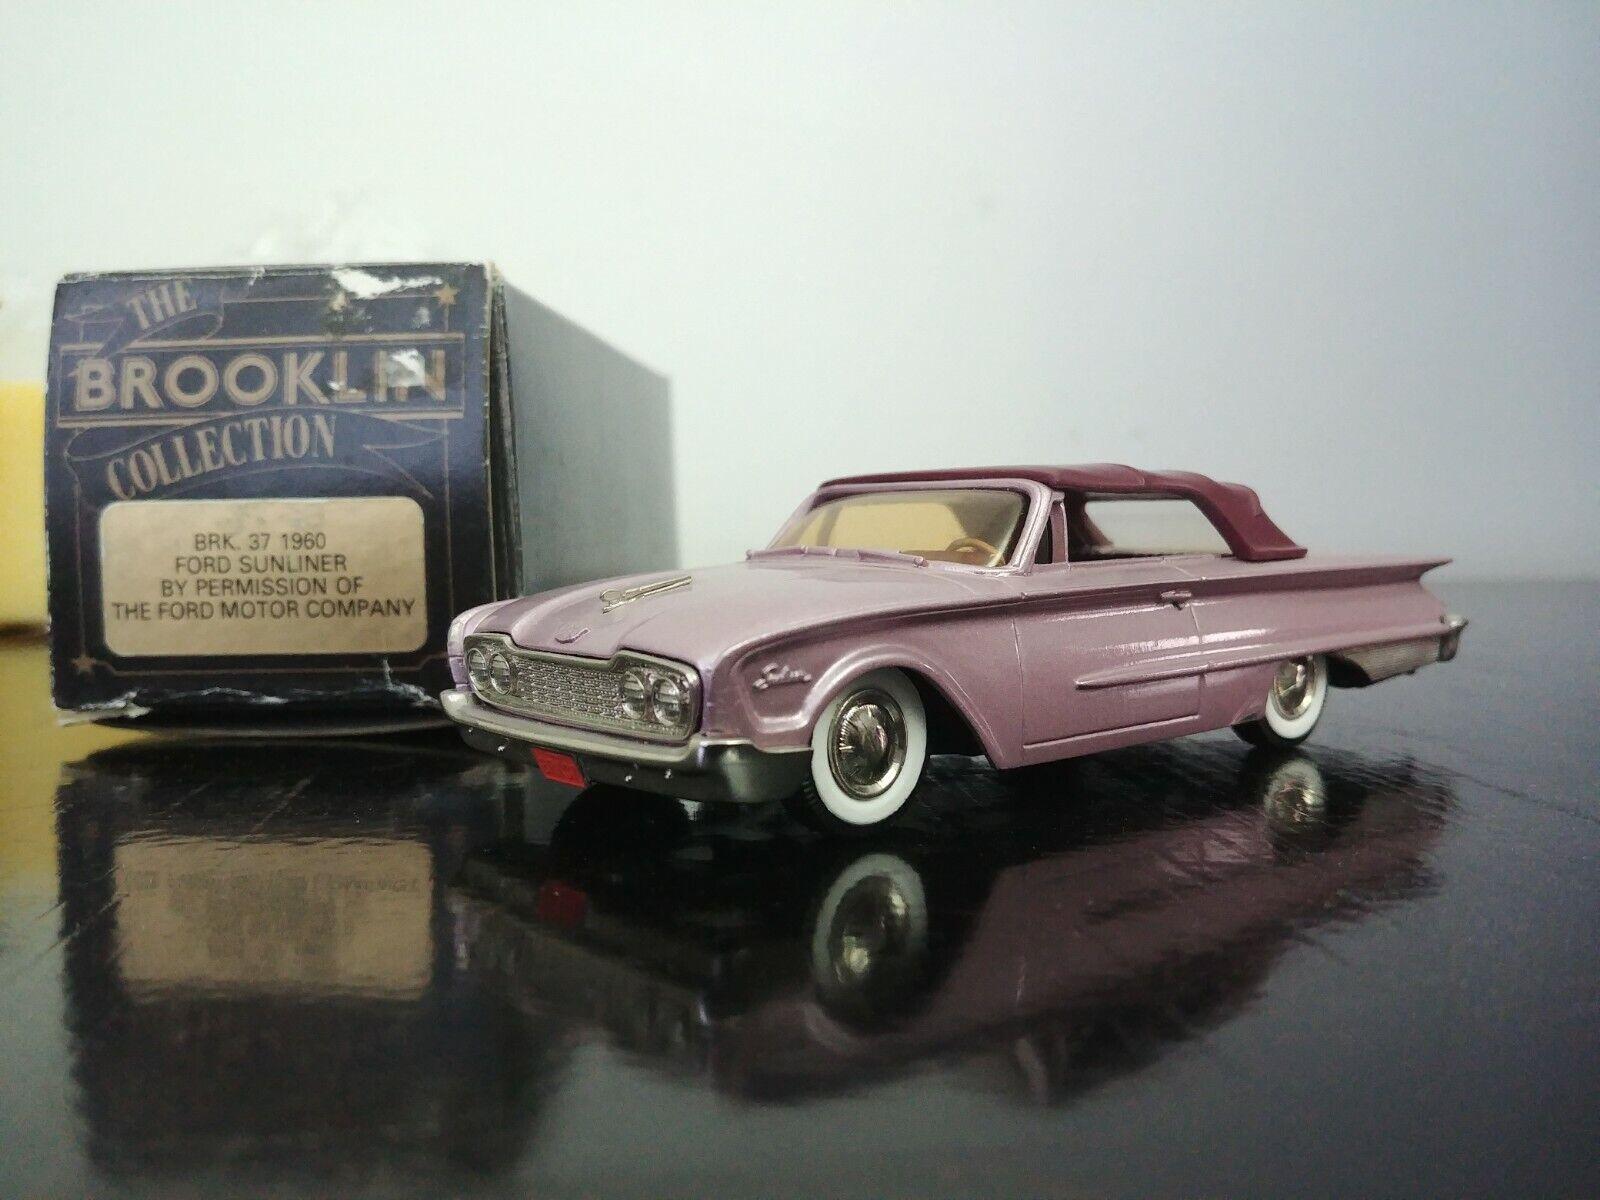 en promociones de estadios 1 43 Brooklin BRK.37 1960 Ford Sunliner Muy Rara     descuento de bajo precio